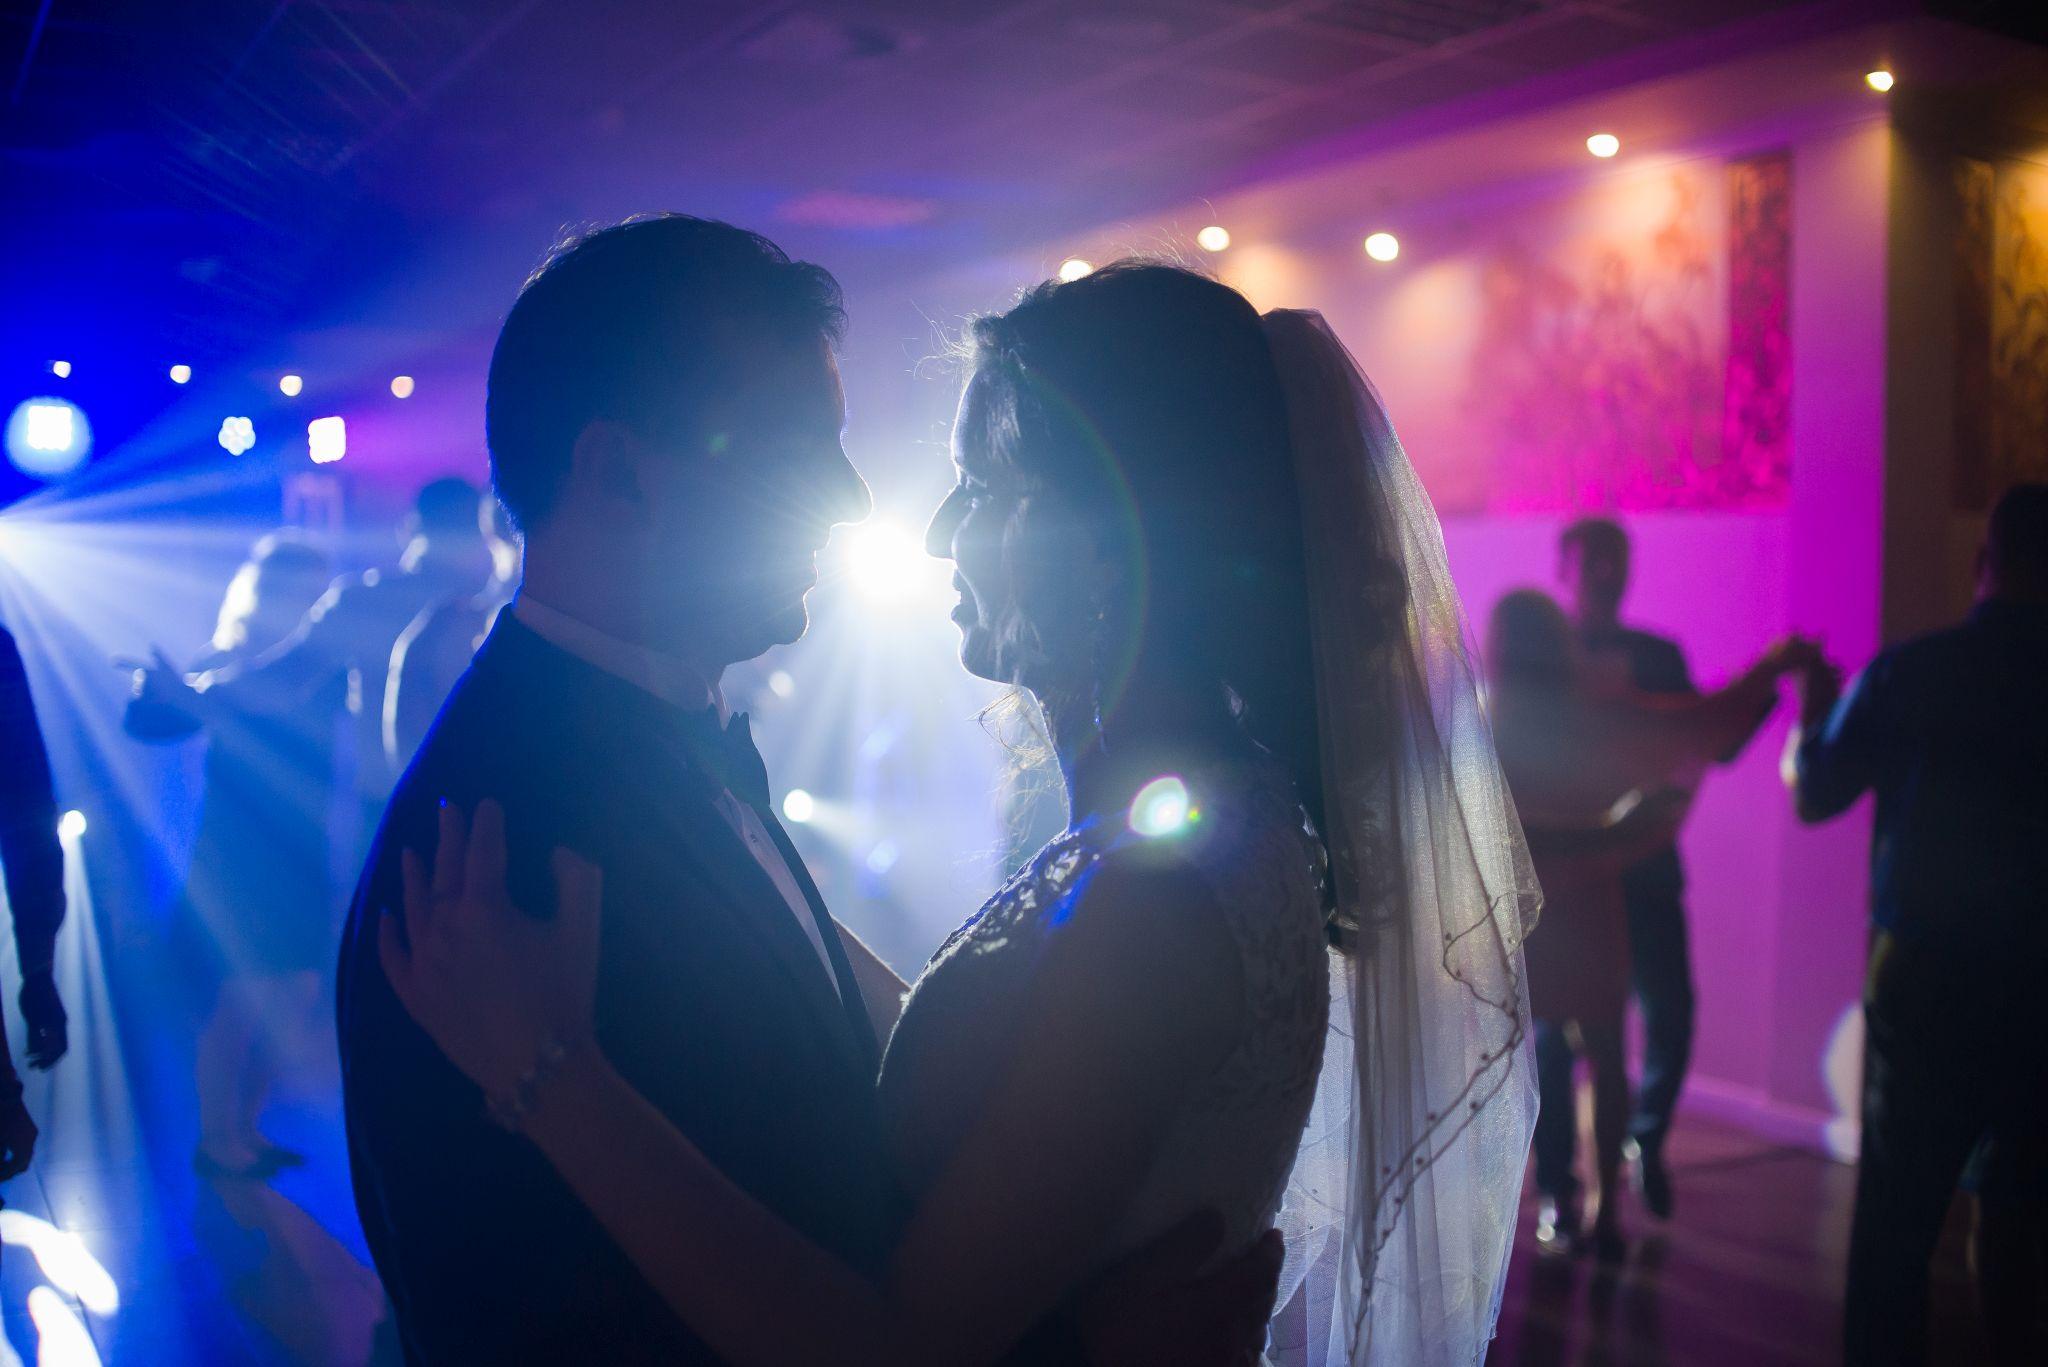 fotografia ślubna państwa młodych w tańcu